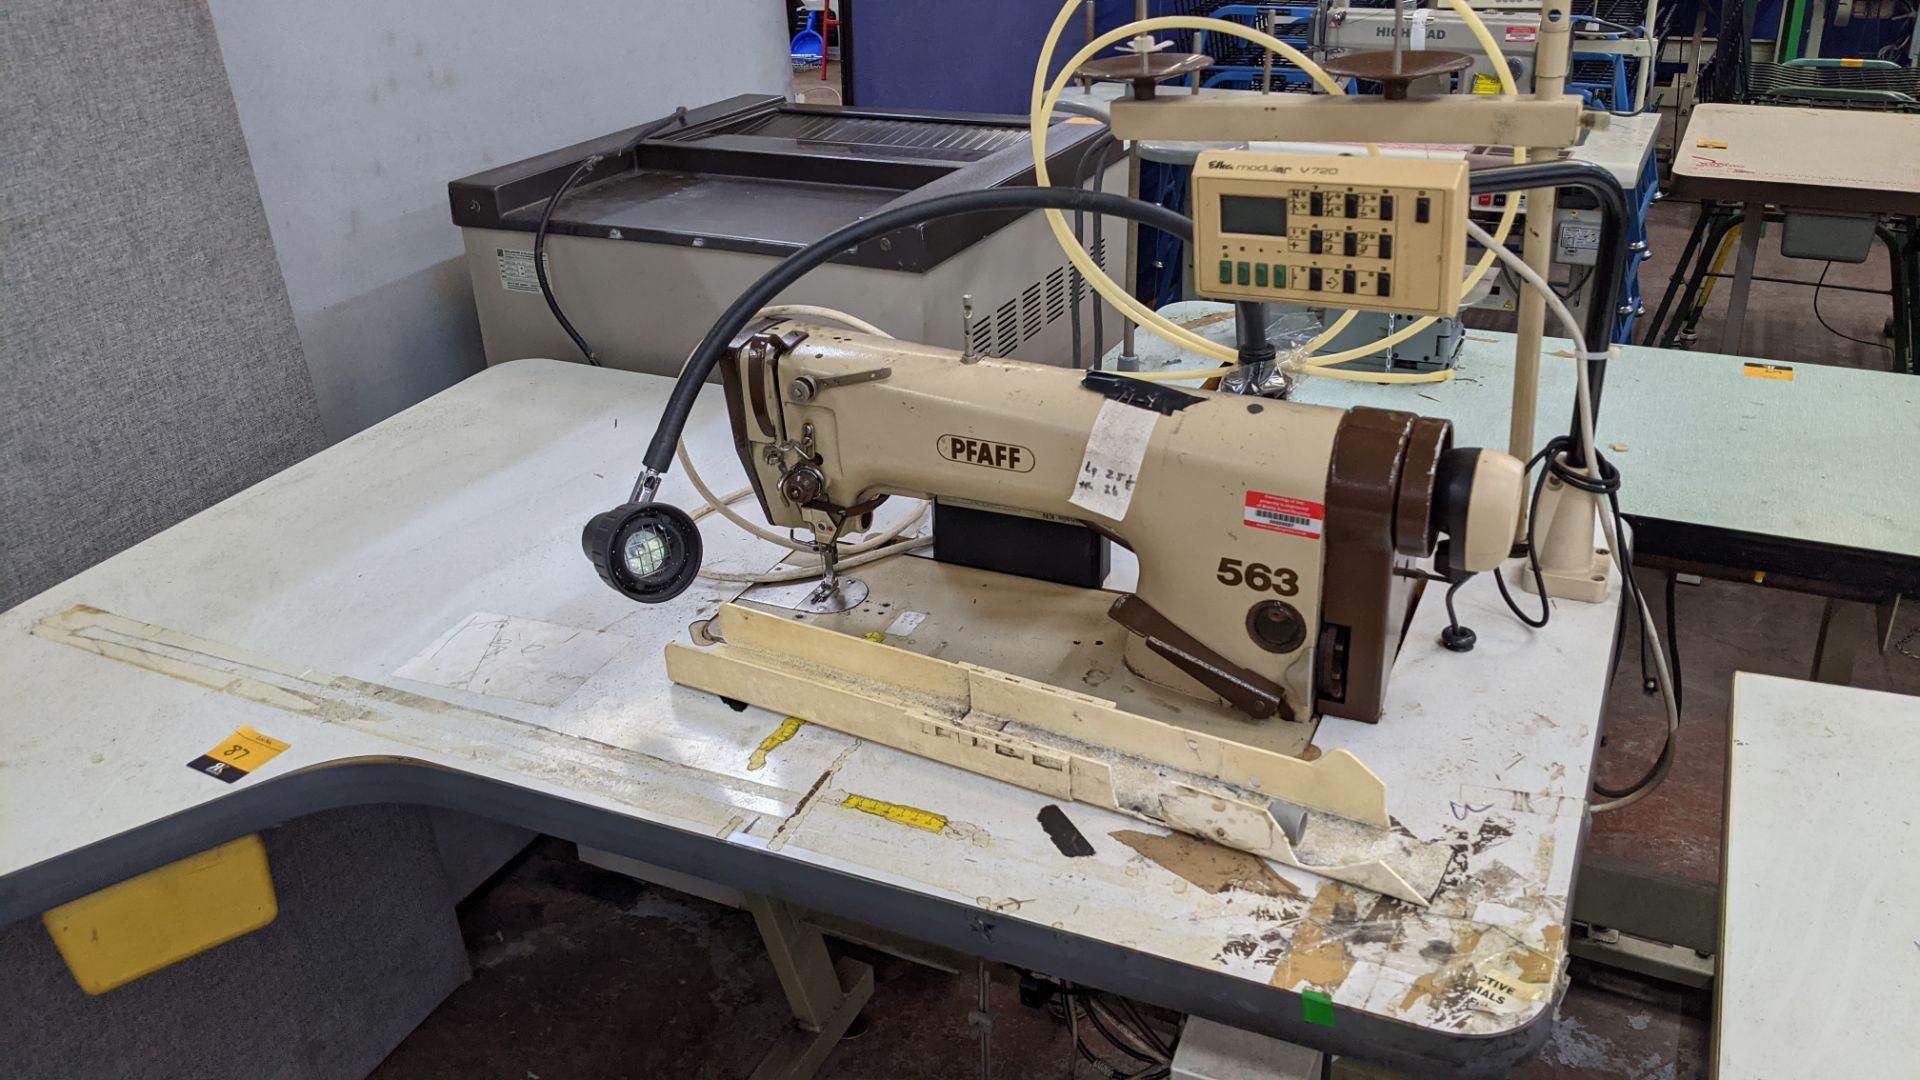 Pfaff model 563 sewing machine with Efka modular V720 digital controller - Image 5 of 13